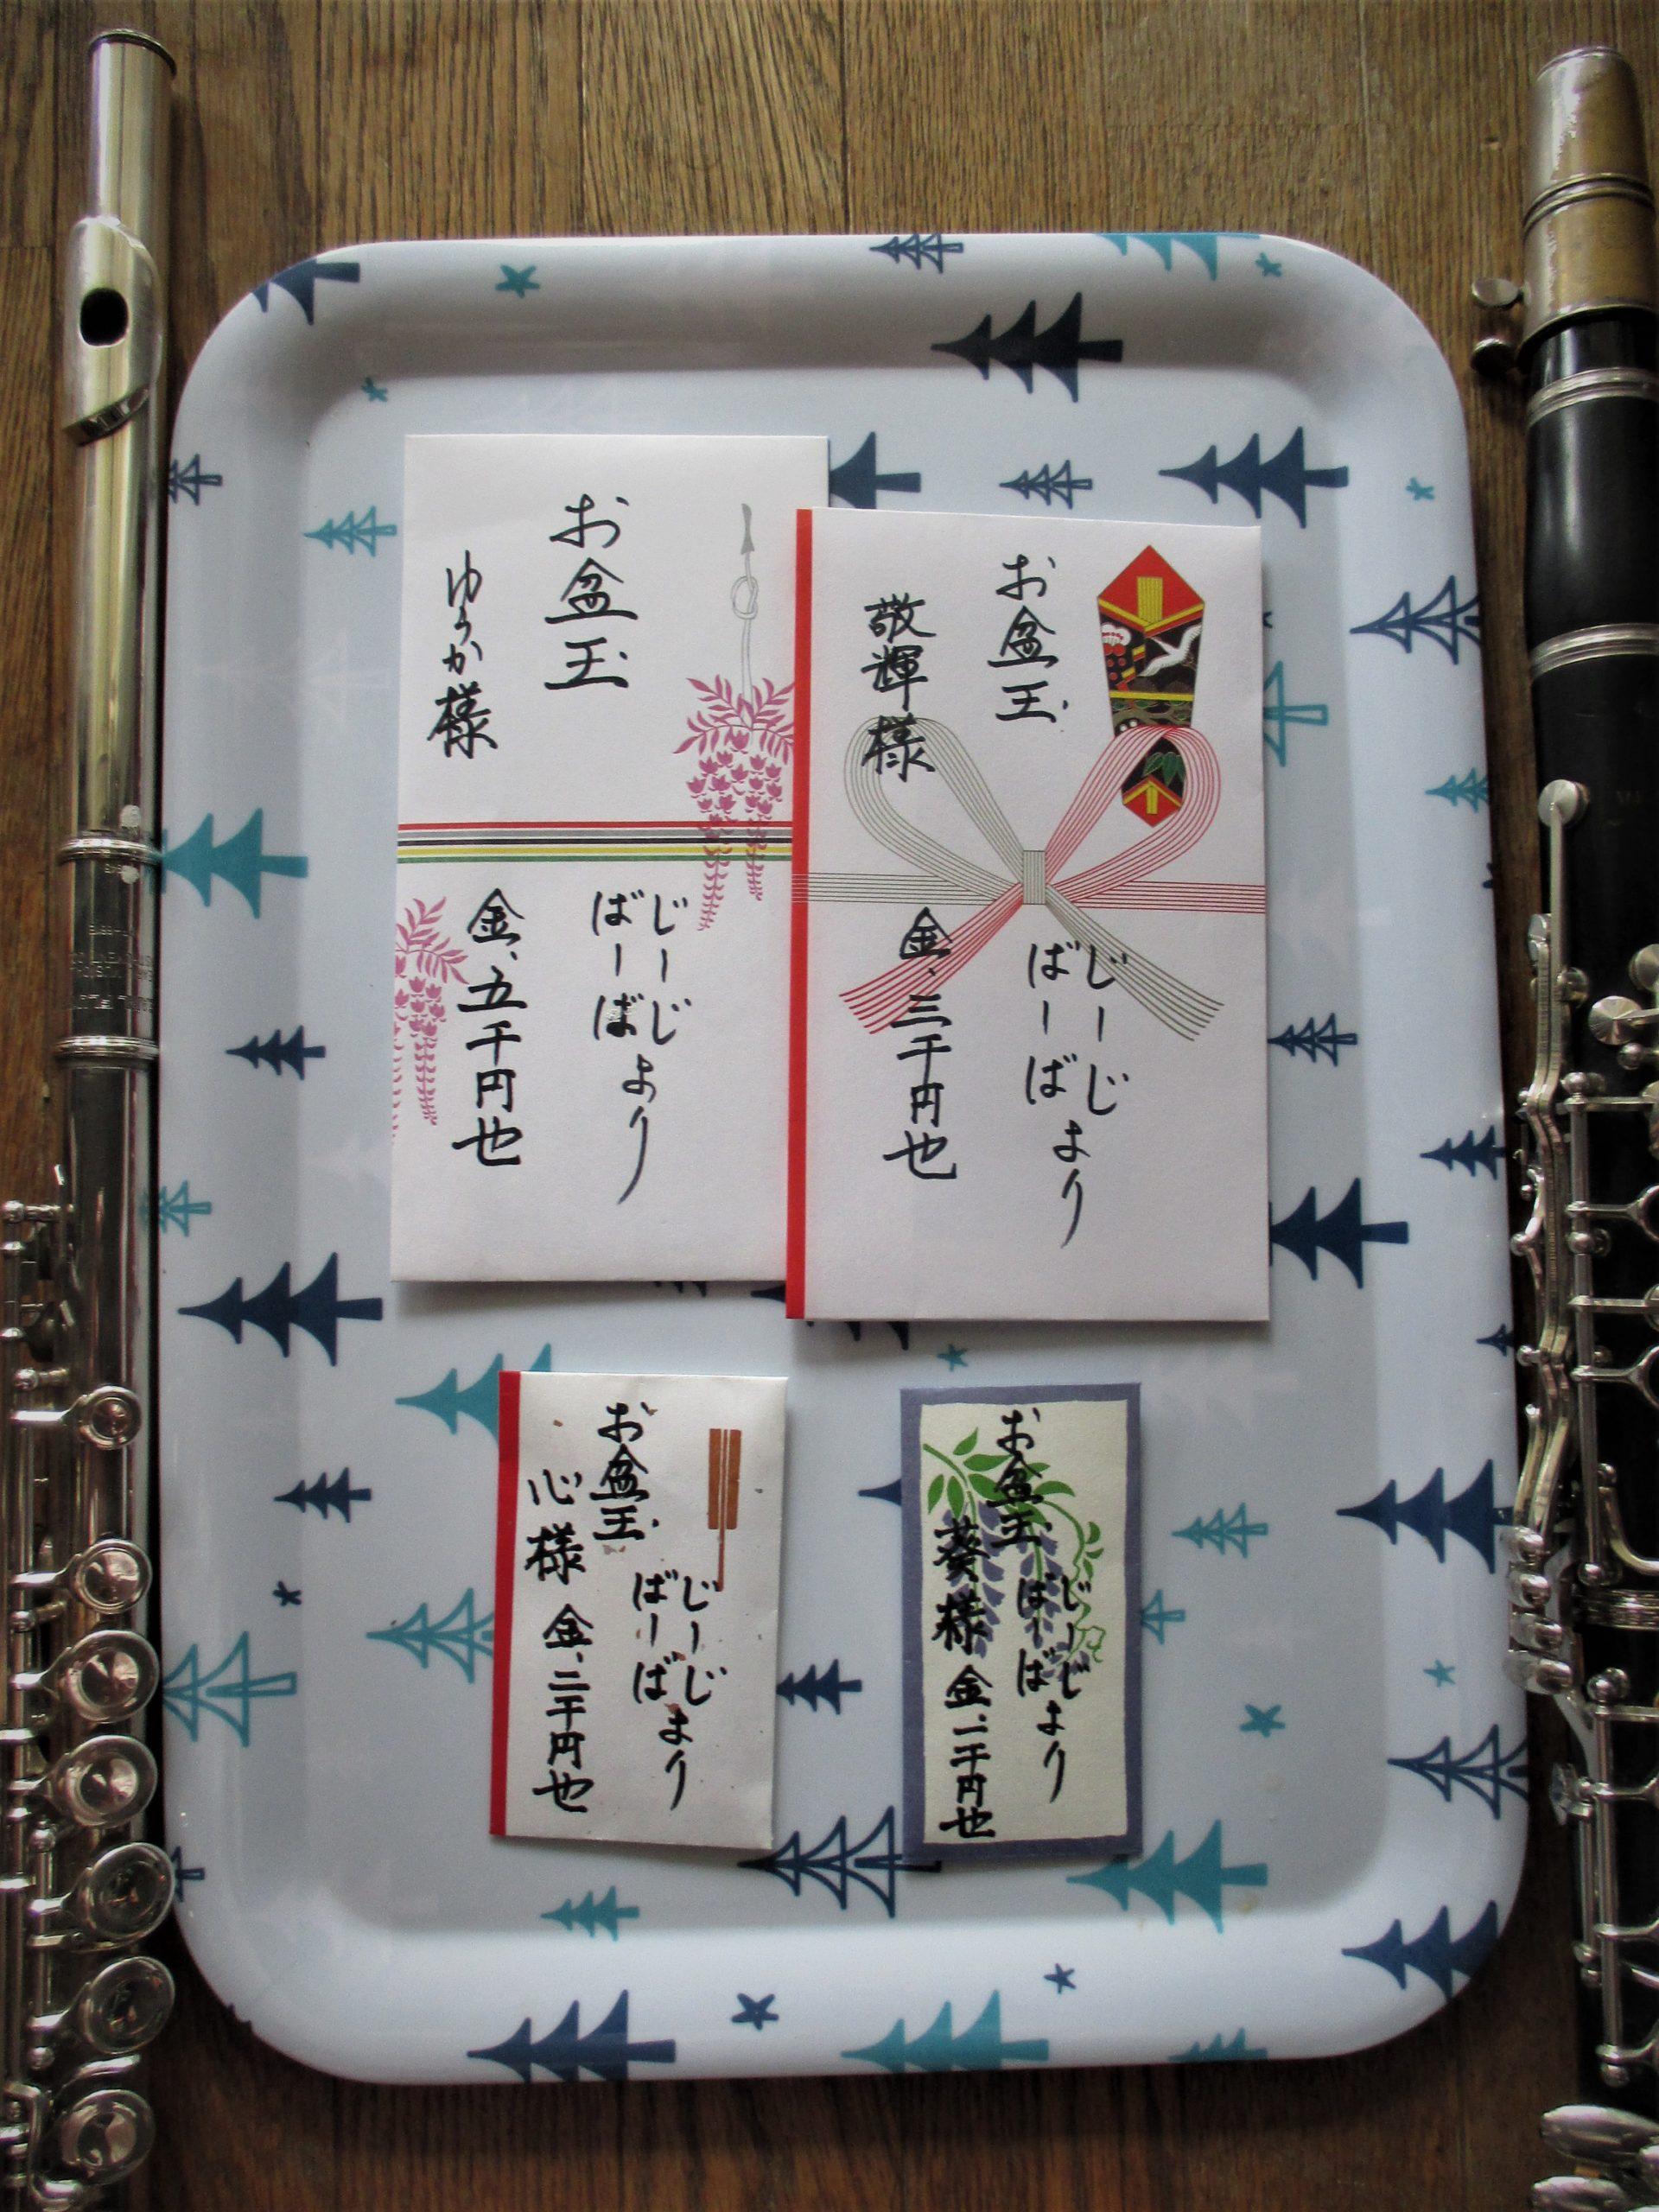 飯塚雅幸&藤間知枝が孫4人に「お盆玉」をあげました。